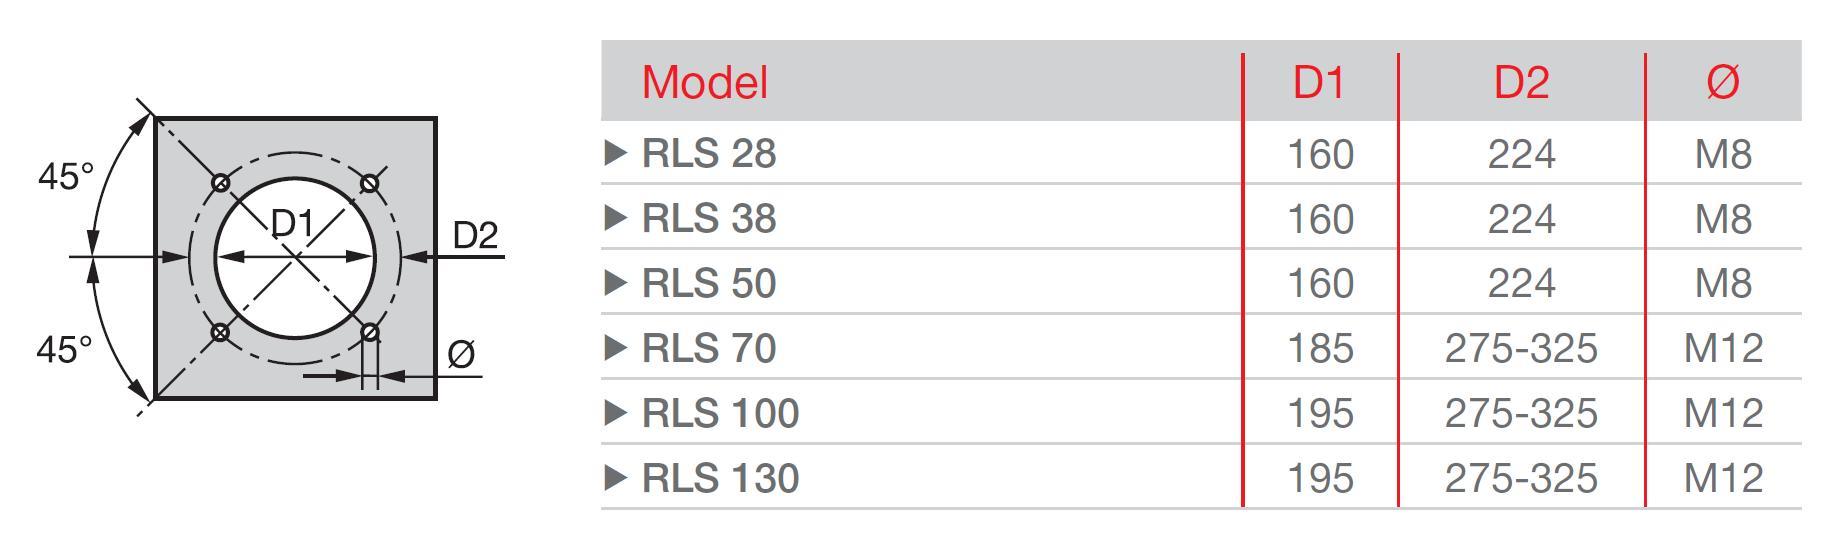 Riello RLS-fl